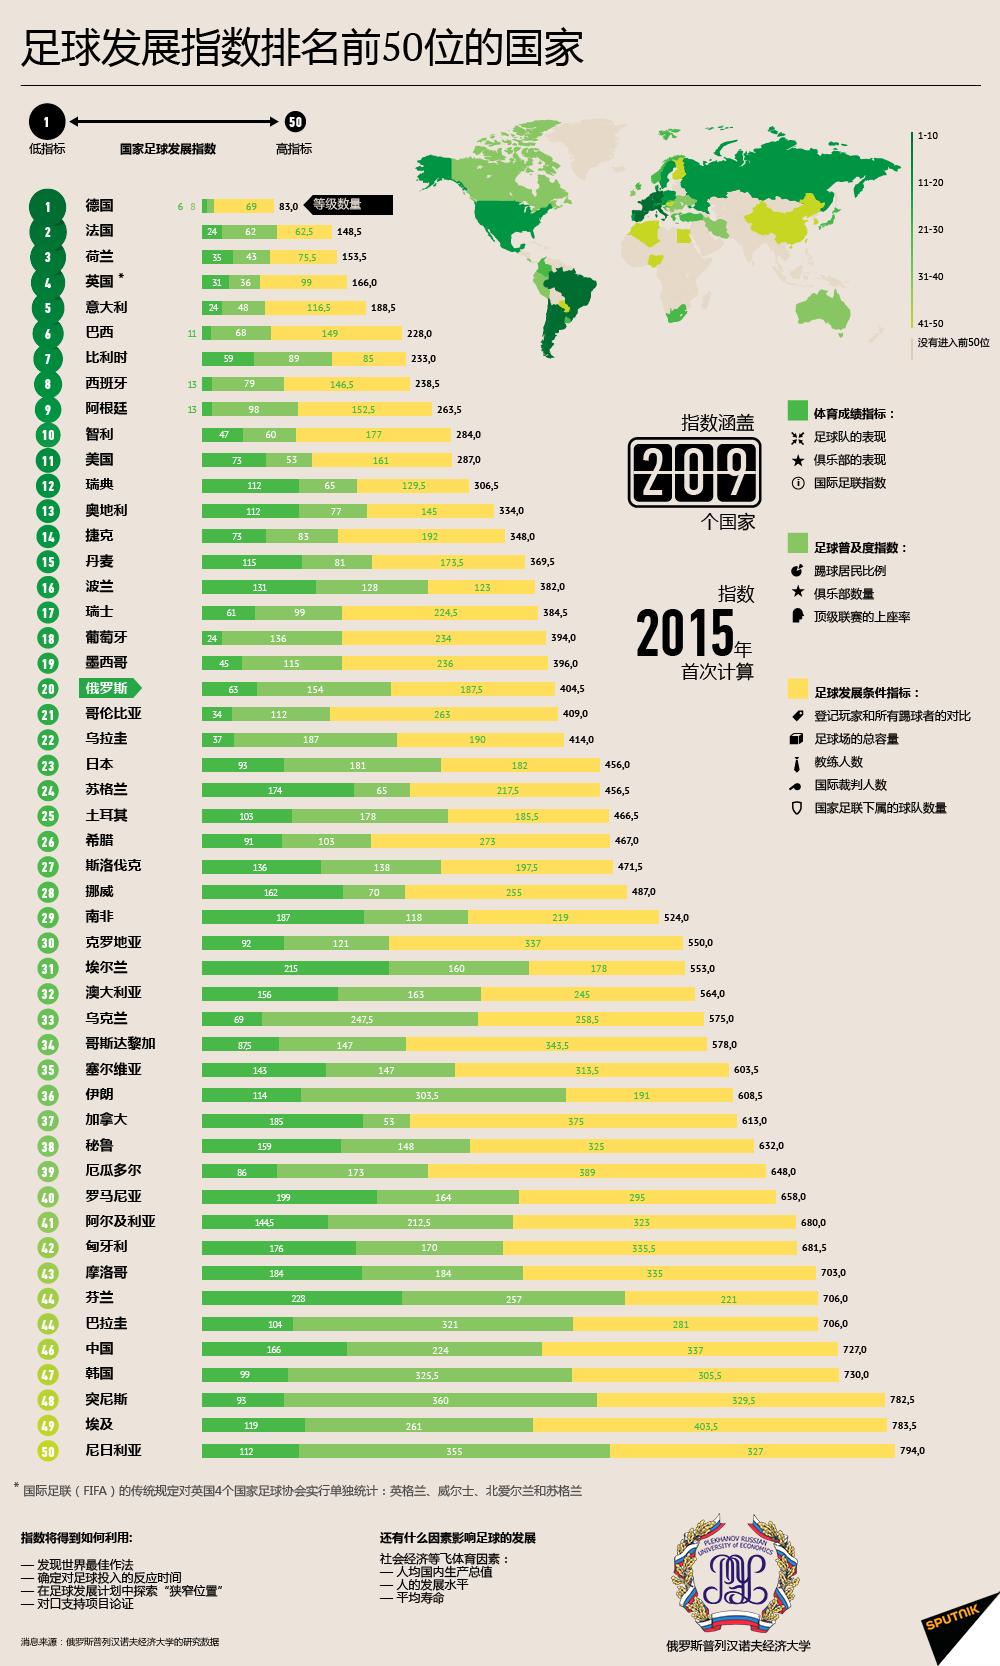 足球发展指数排名前50位的国家